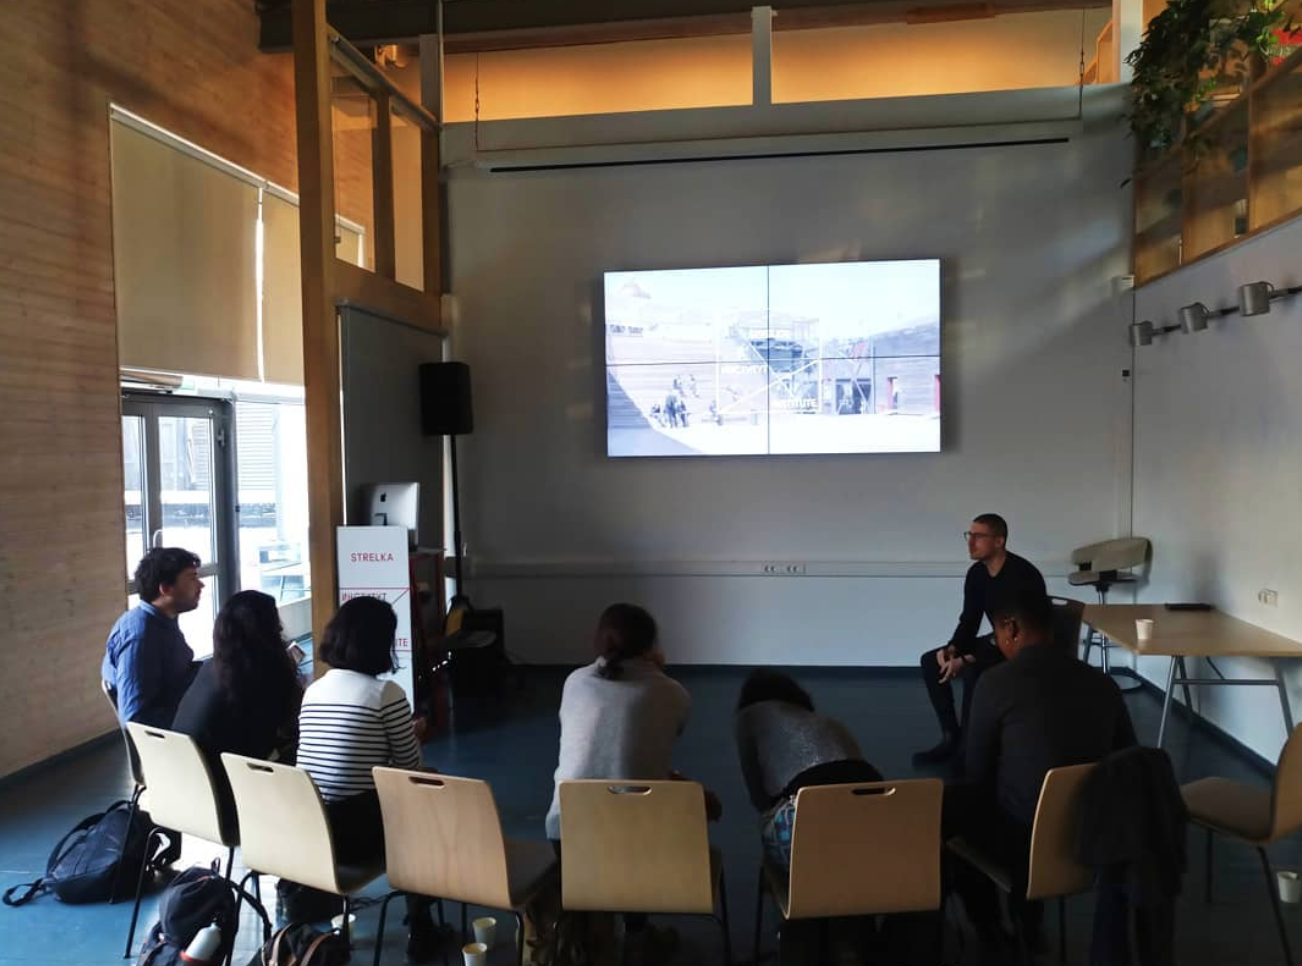 The Digital Earth- Strelka (The New Normal) Workshop, Moscow, Russia - organized by   Nicolay Boyadjiev   Participants:  Halima Haruna,    Tekla Aslanishvili   , Khyati Saraf, Ishita Sharma, Umber Majeed